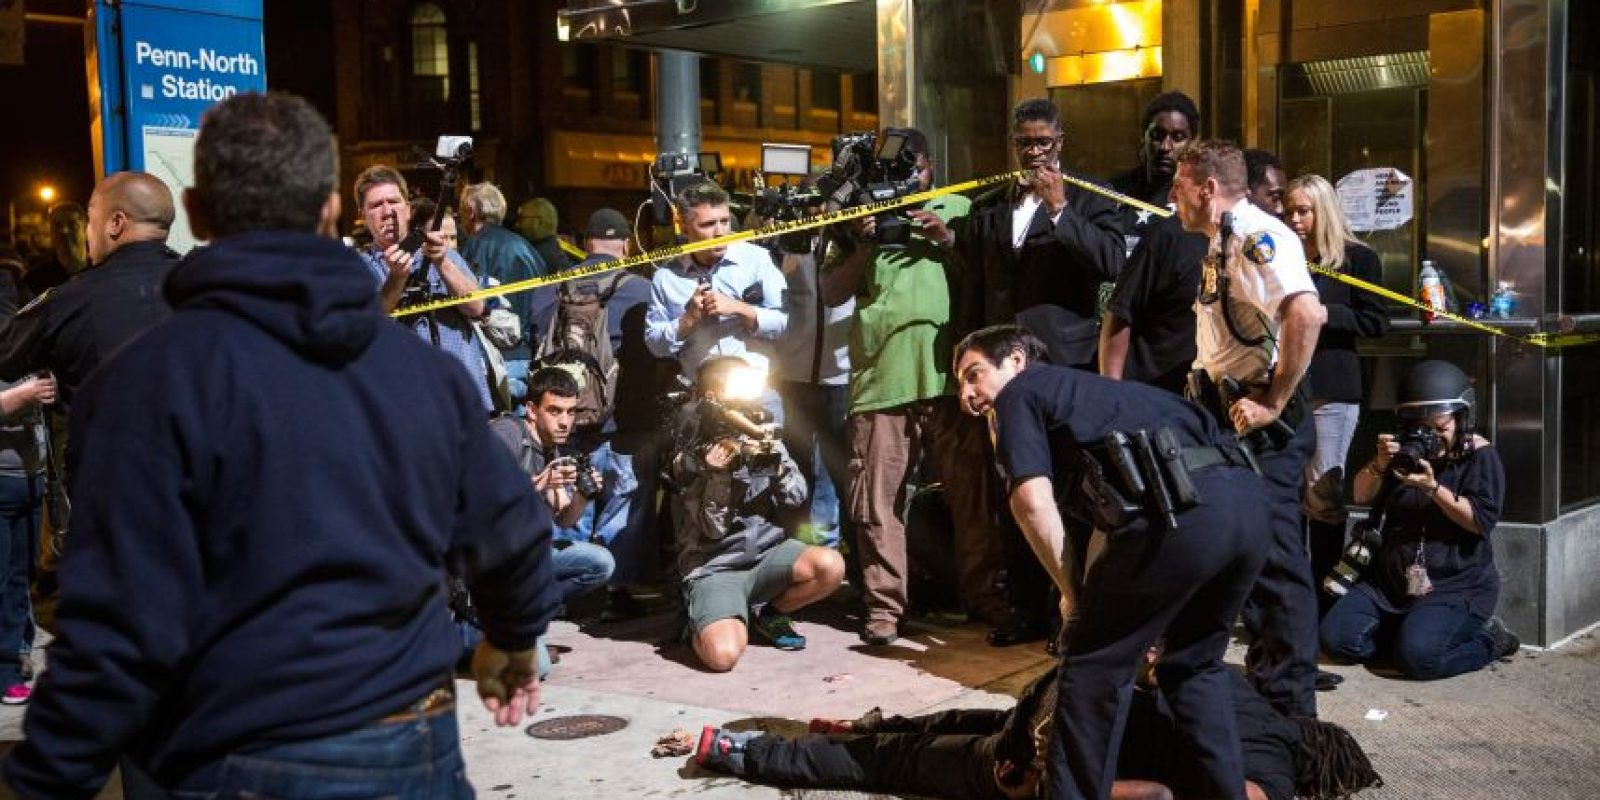 Adquirida mientras se encontraba bajo custodia policial. Foto:Getty Images. Imagen Por: